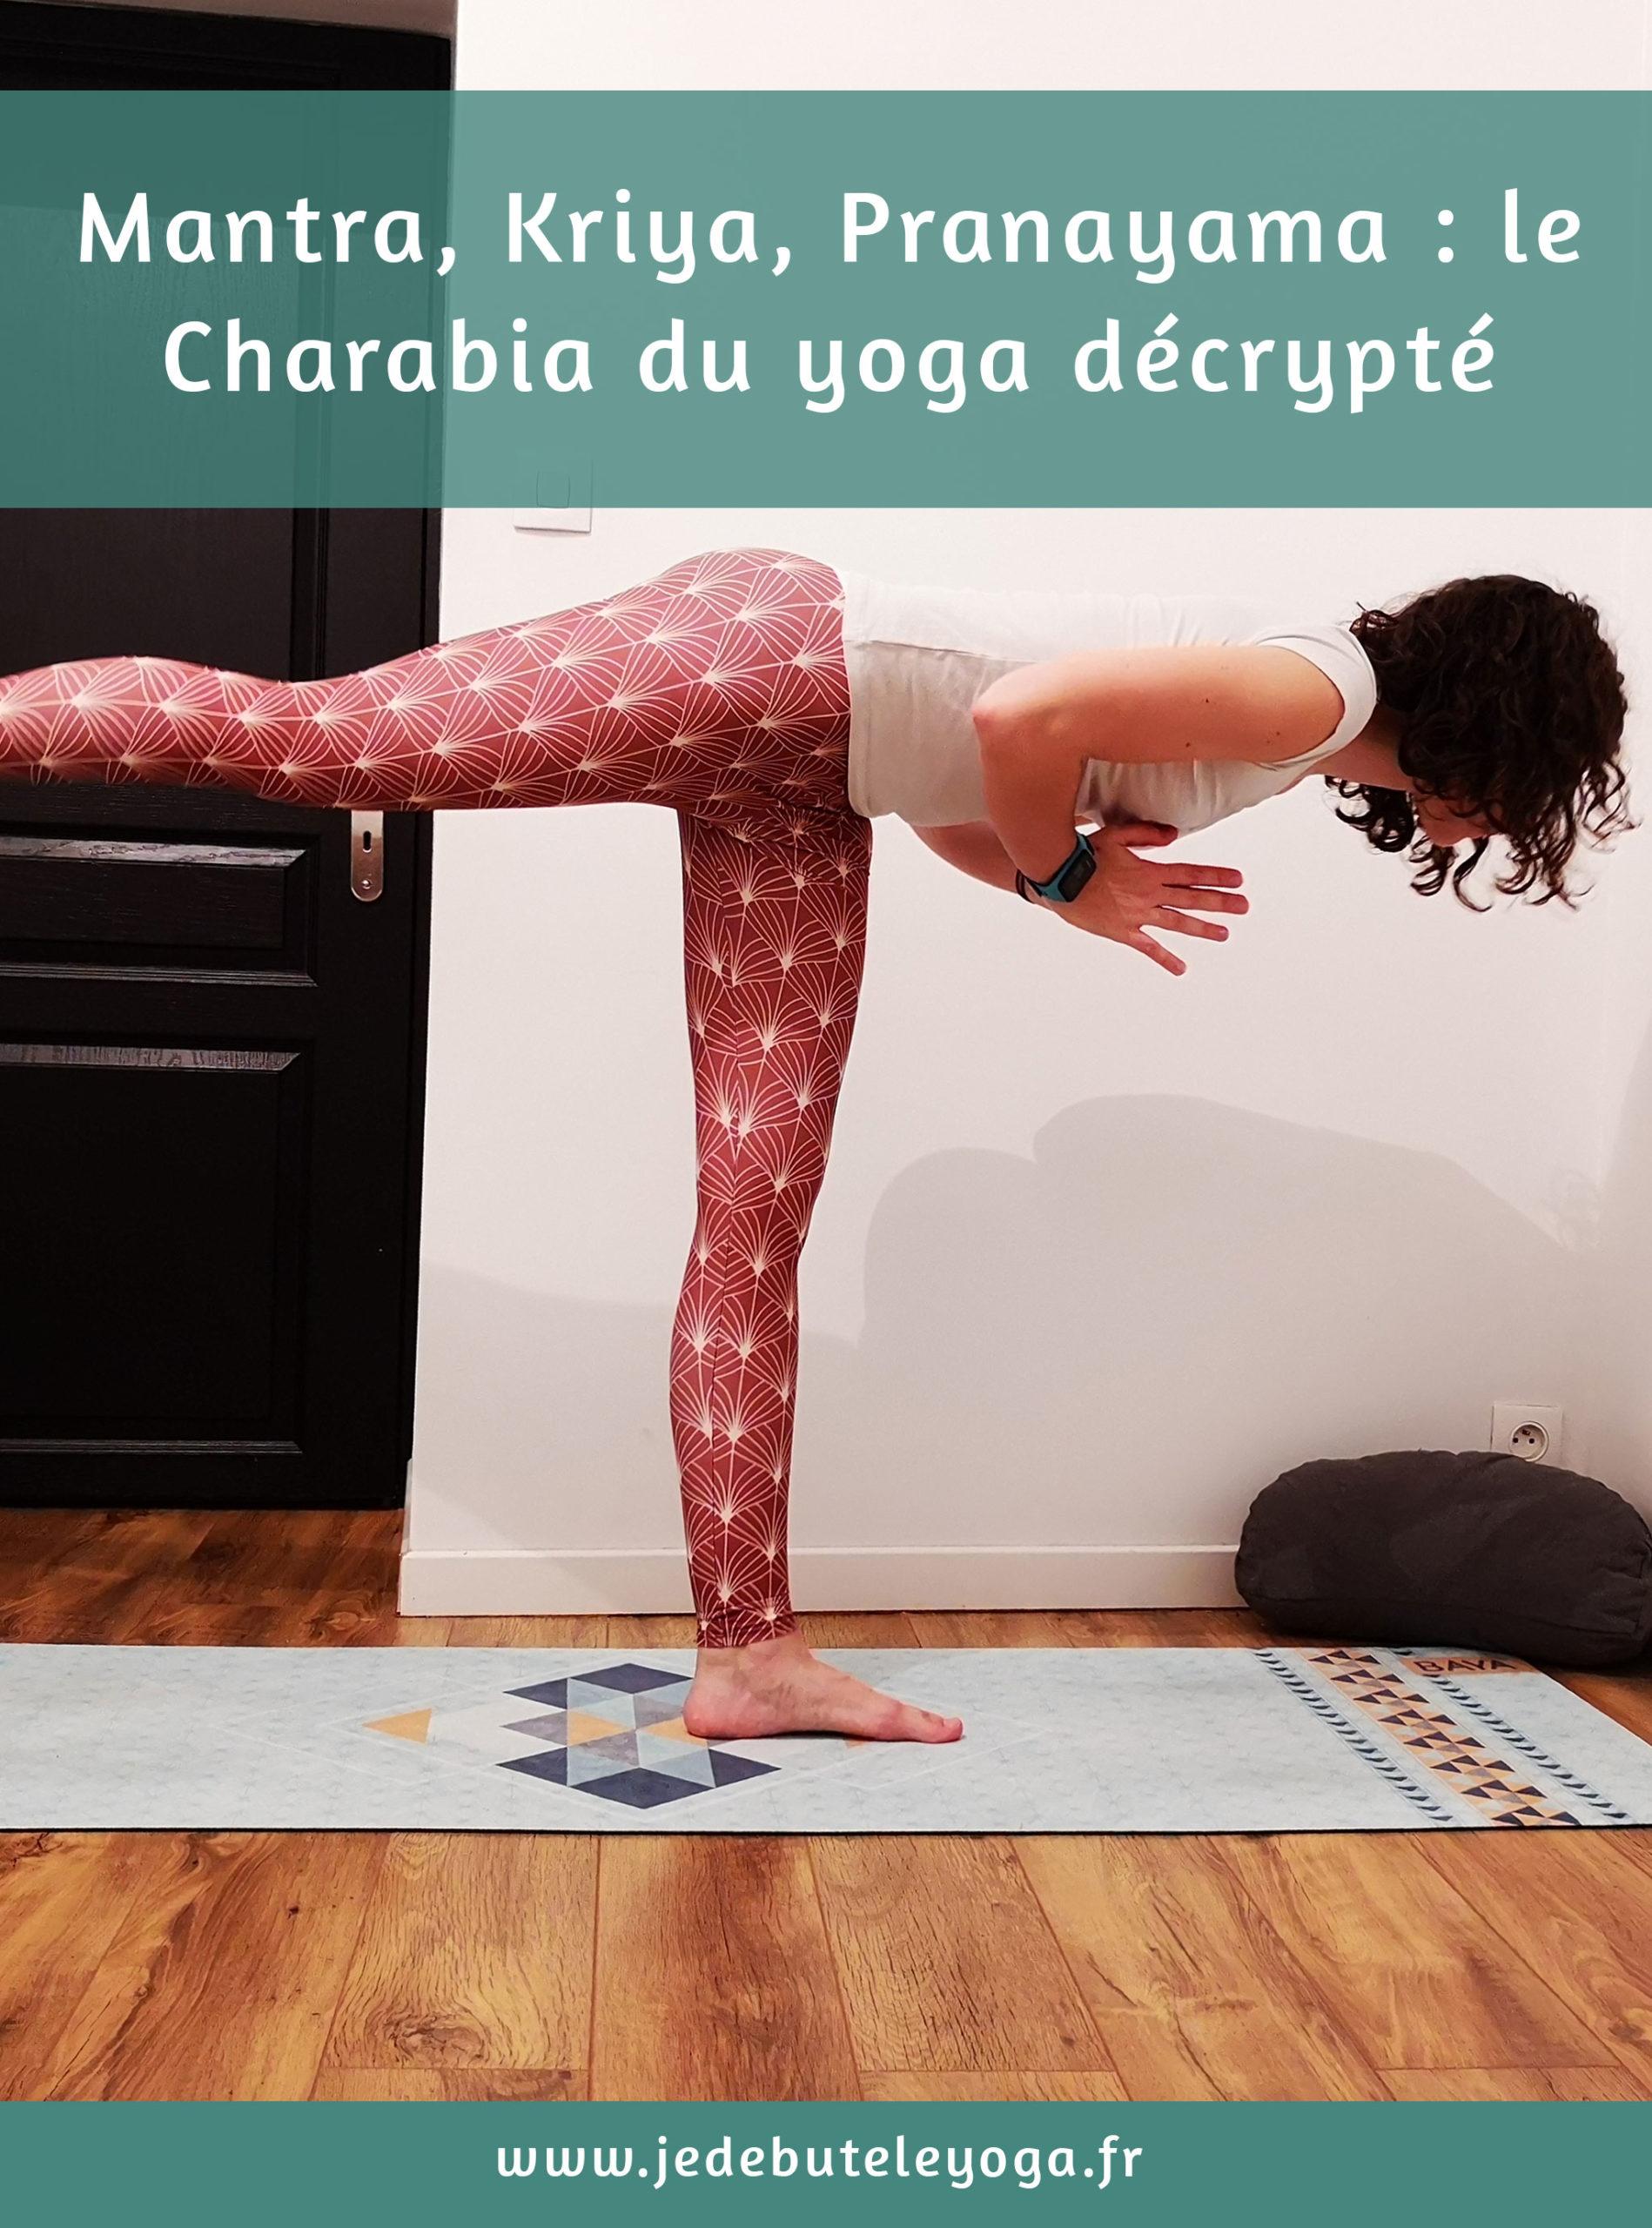 Mantra, kriya, pranayama, les termes du yoga décryptés